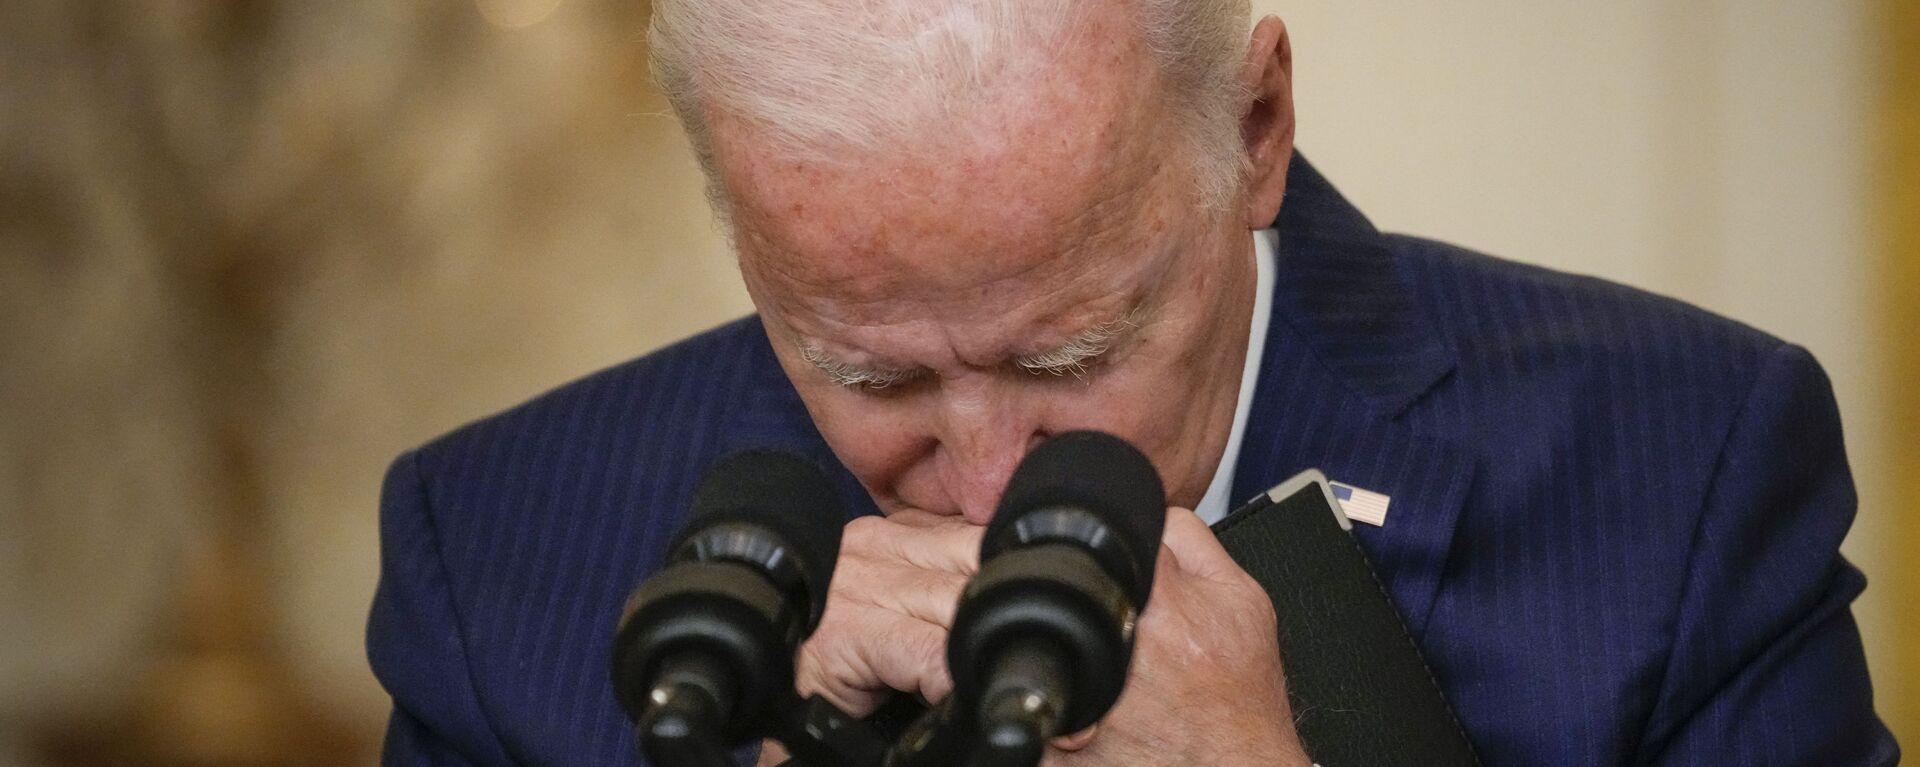 Joe Biden parla alla nazione sulla difficile situazione in Afghanistan - Sputnik Italia, 1920, 03.09.2021